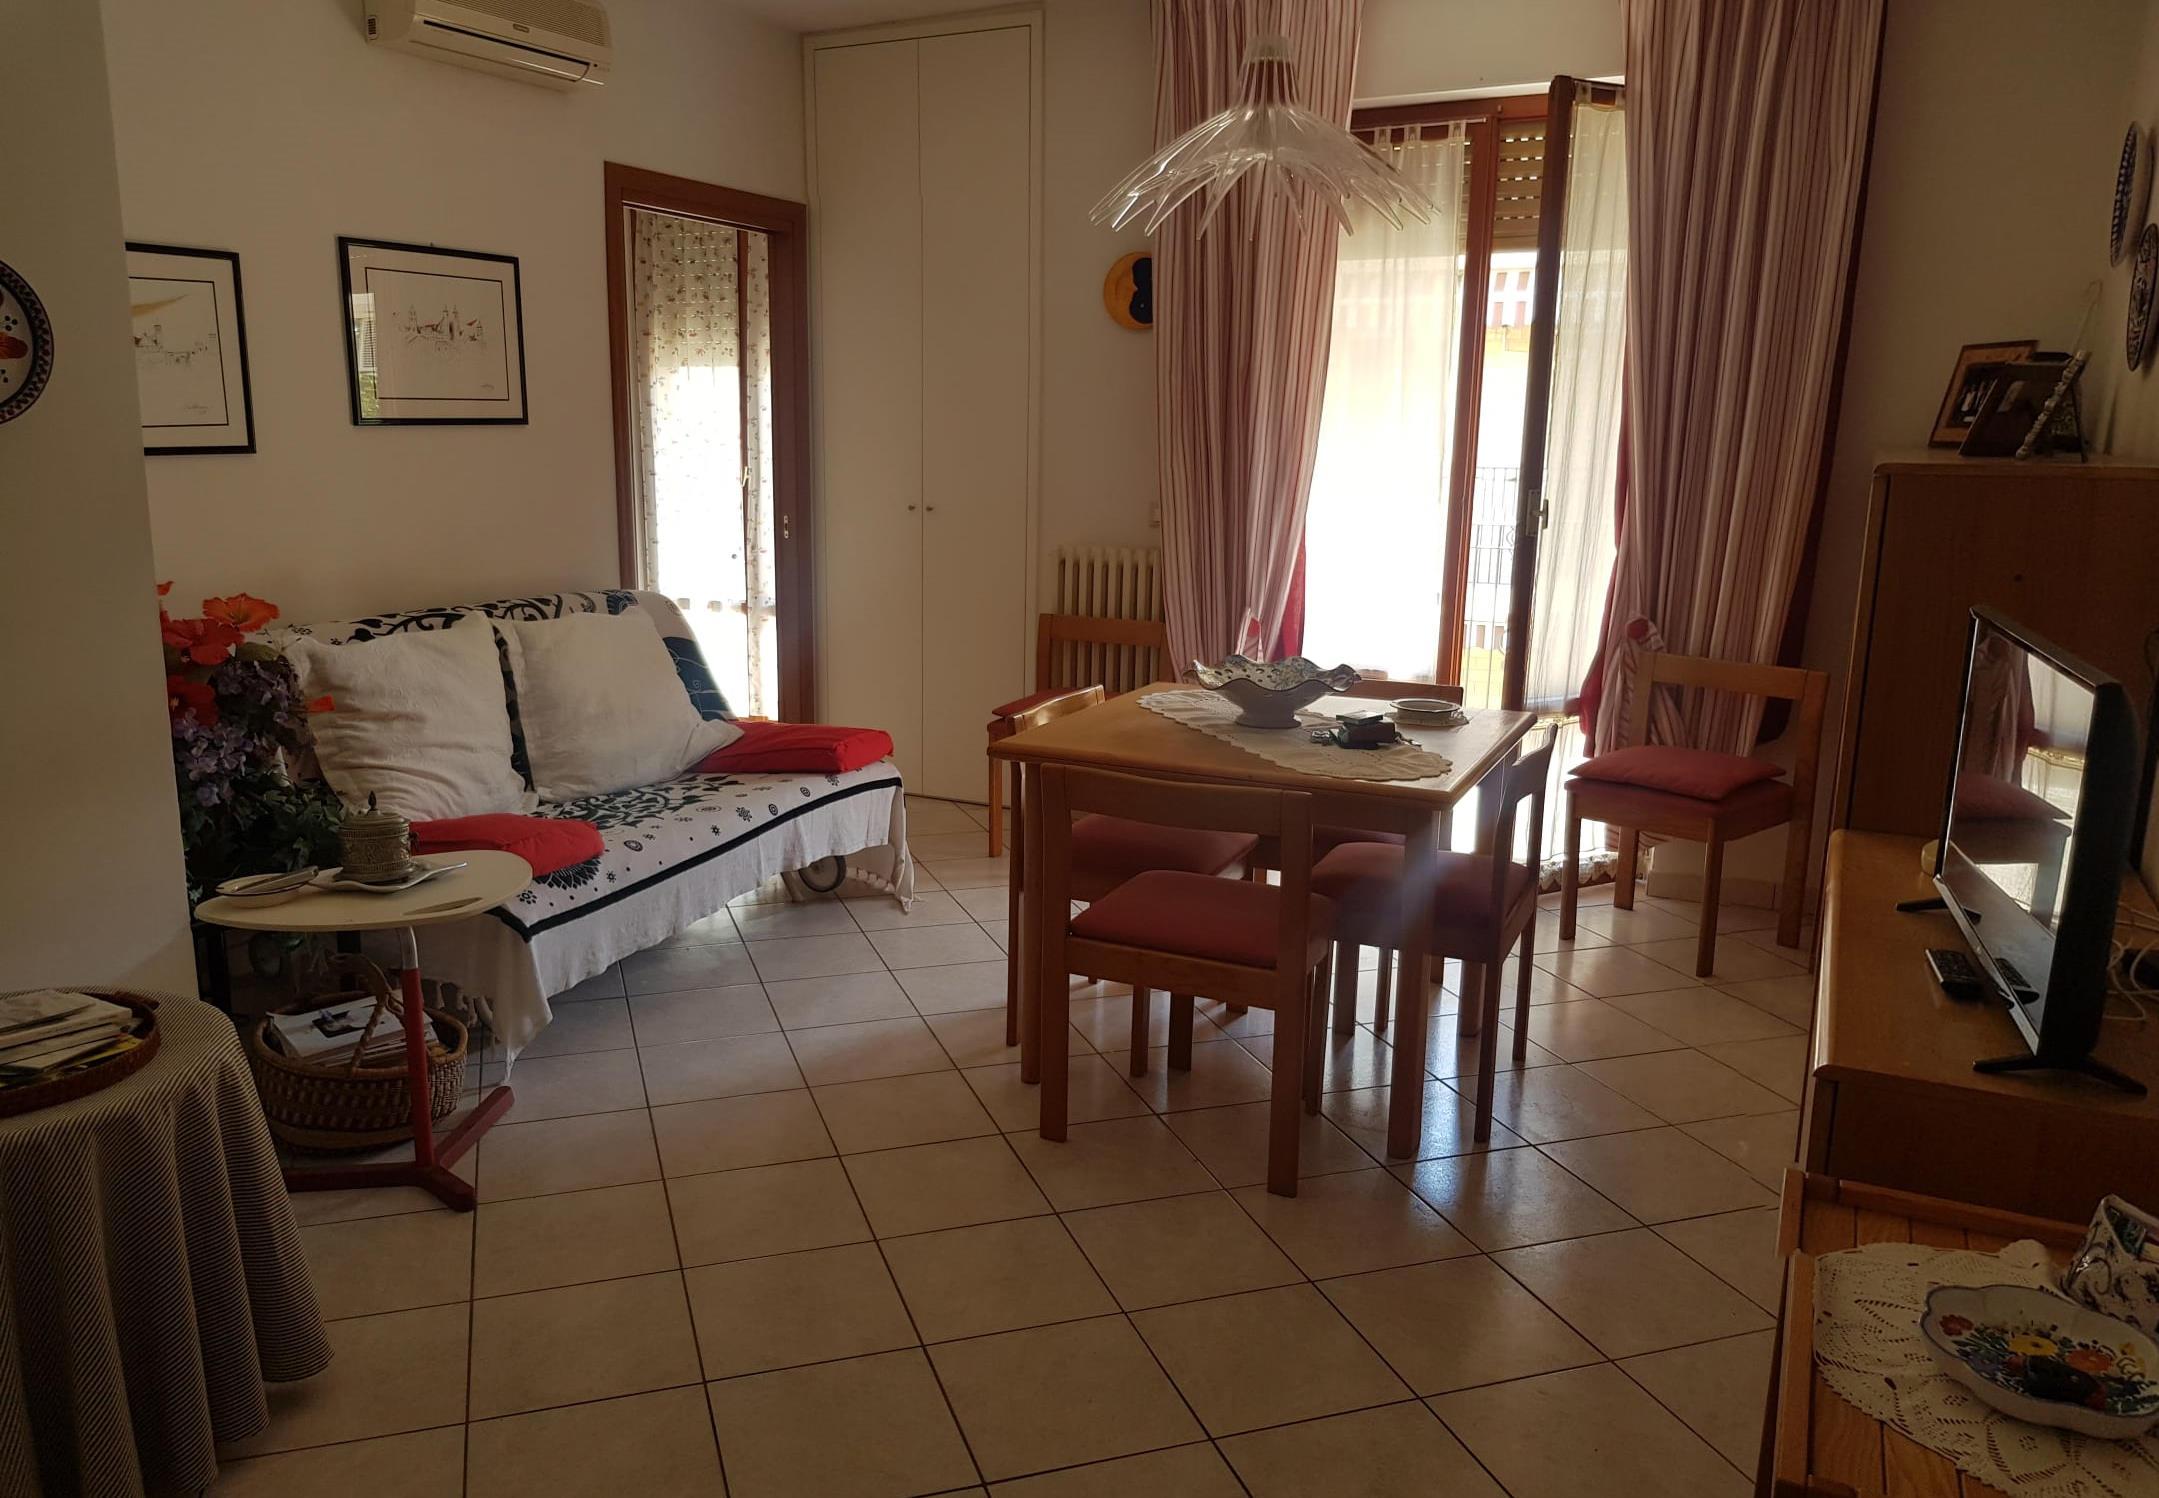 Appartamento in seconda fila mare a San Benedetto del Tronto (AP)